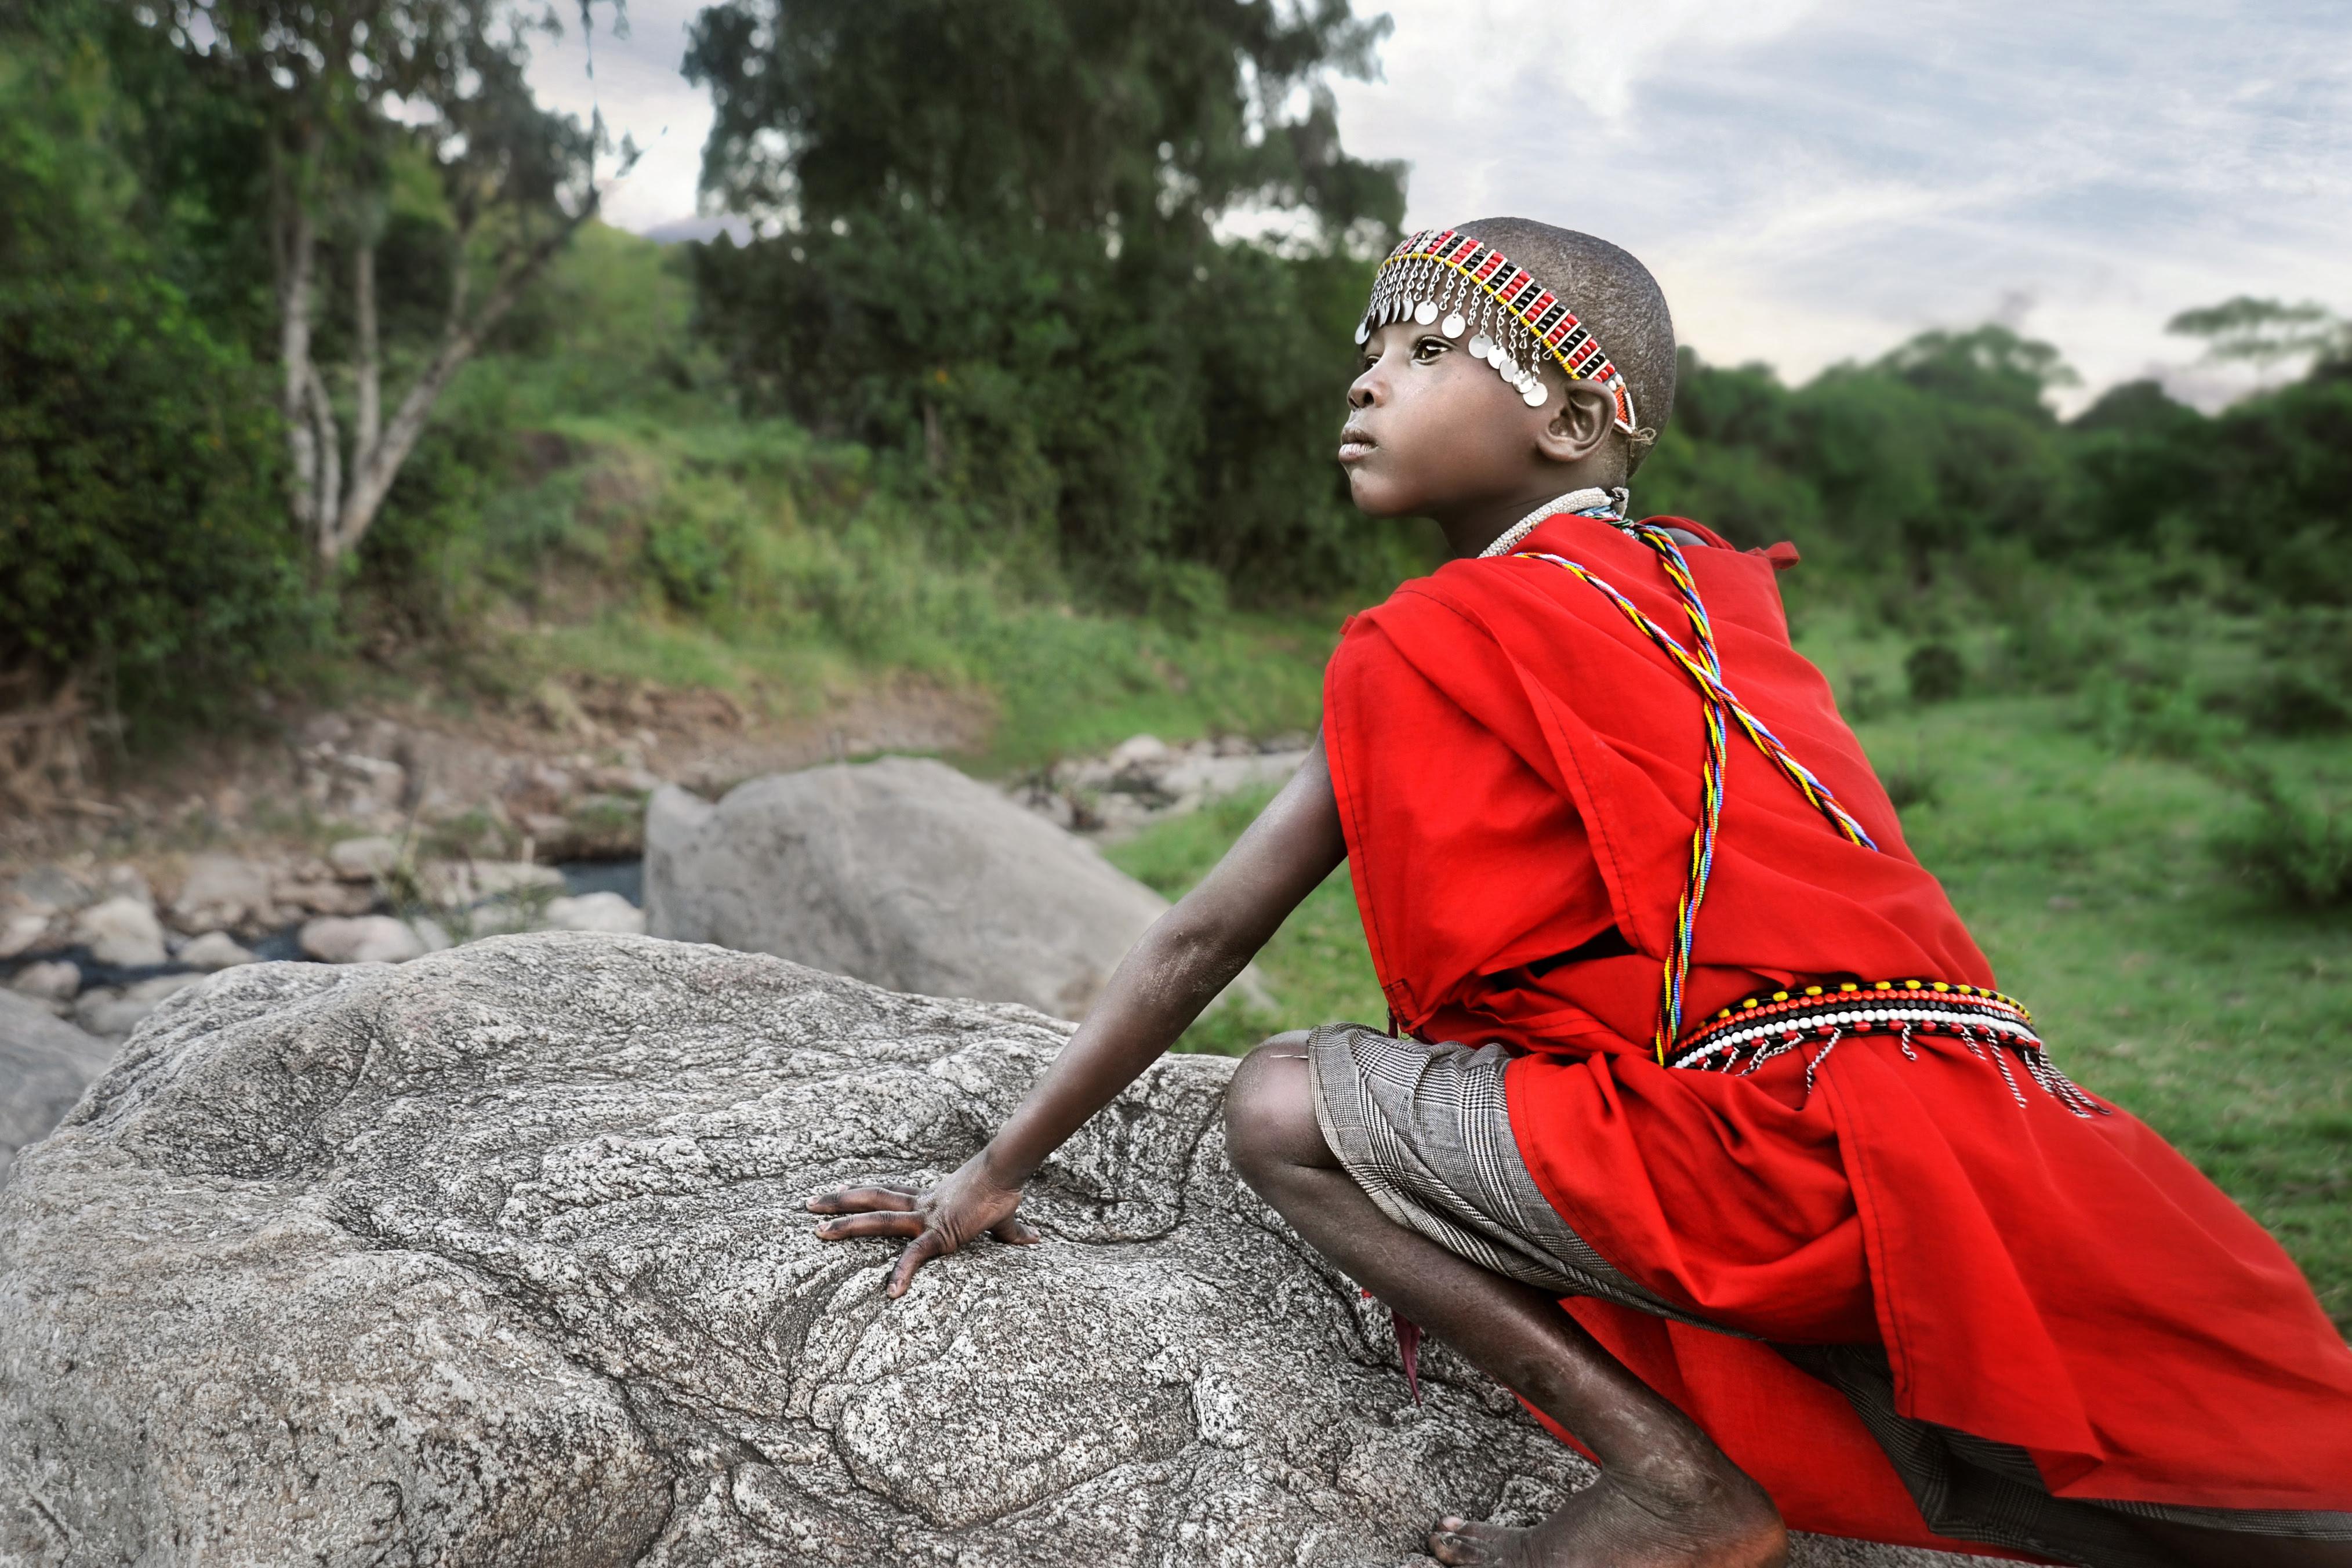 Masai David Lazar